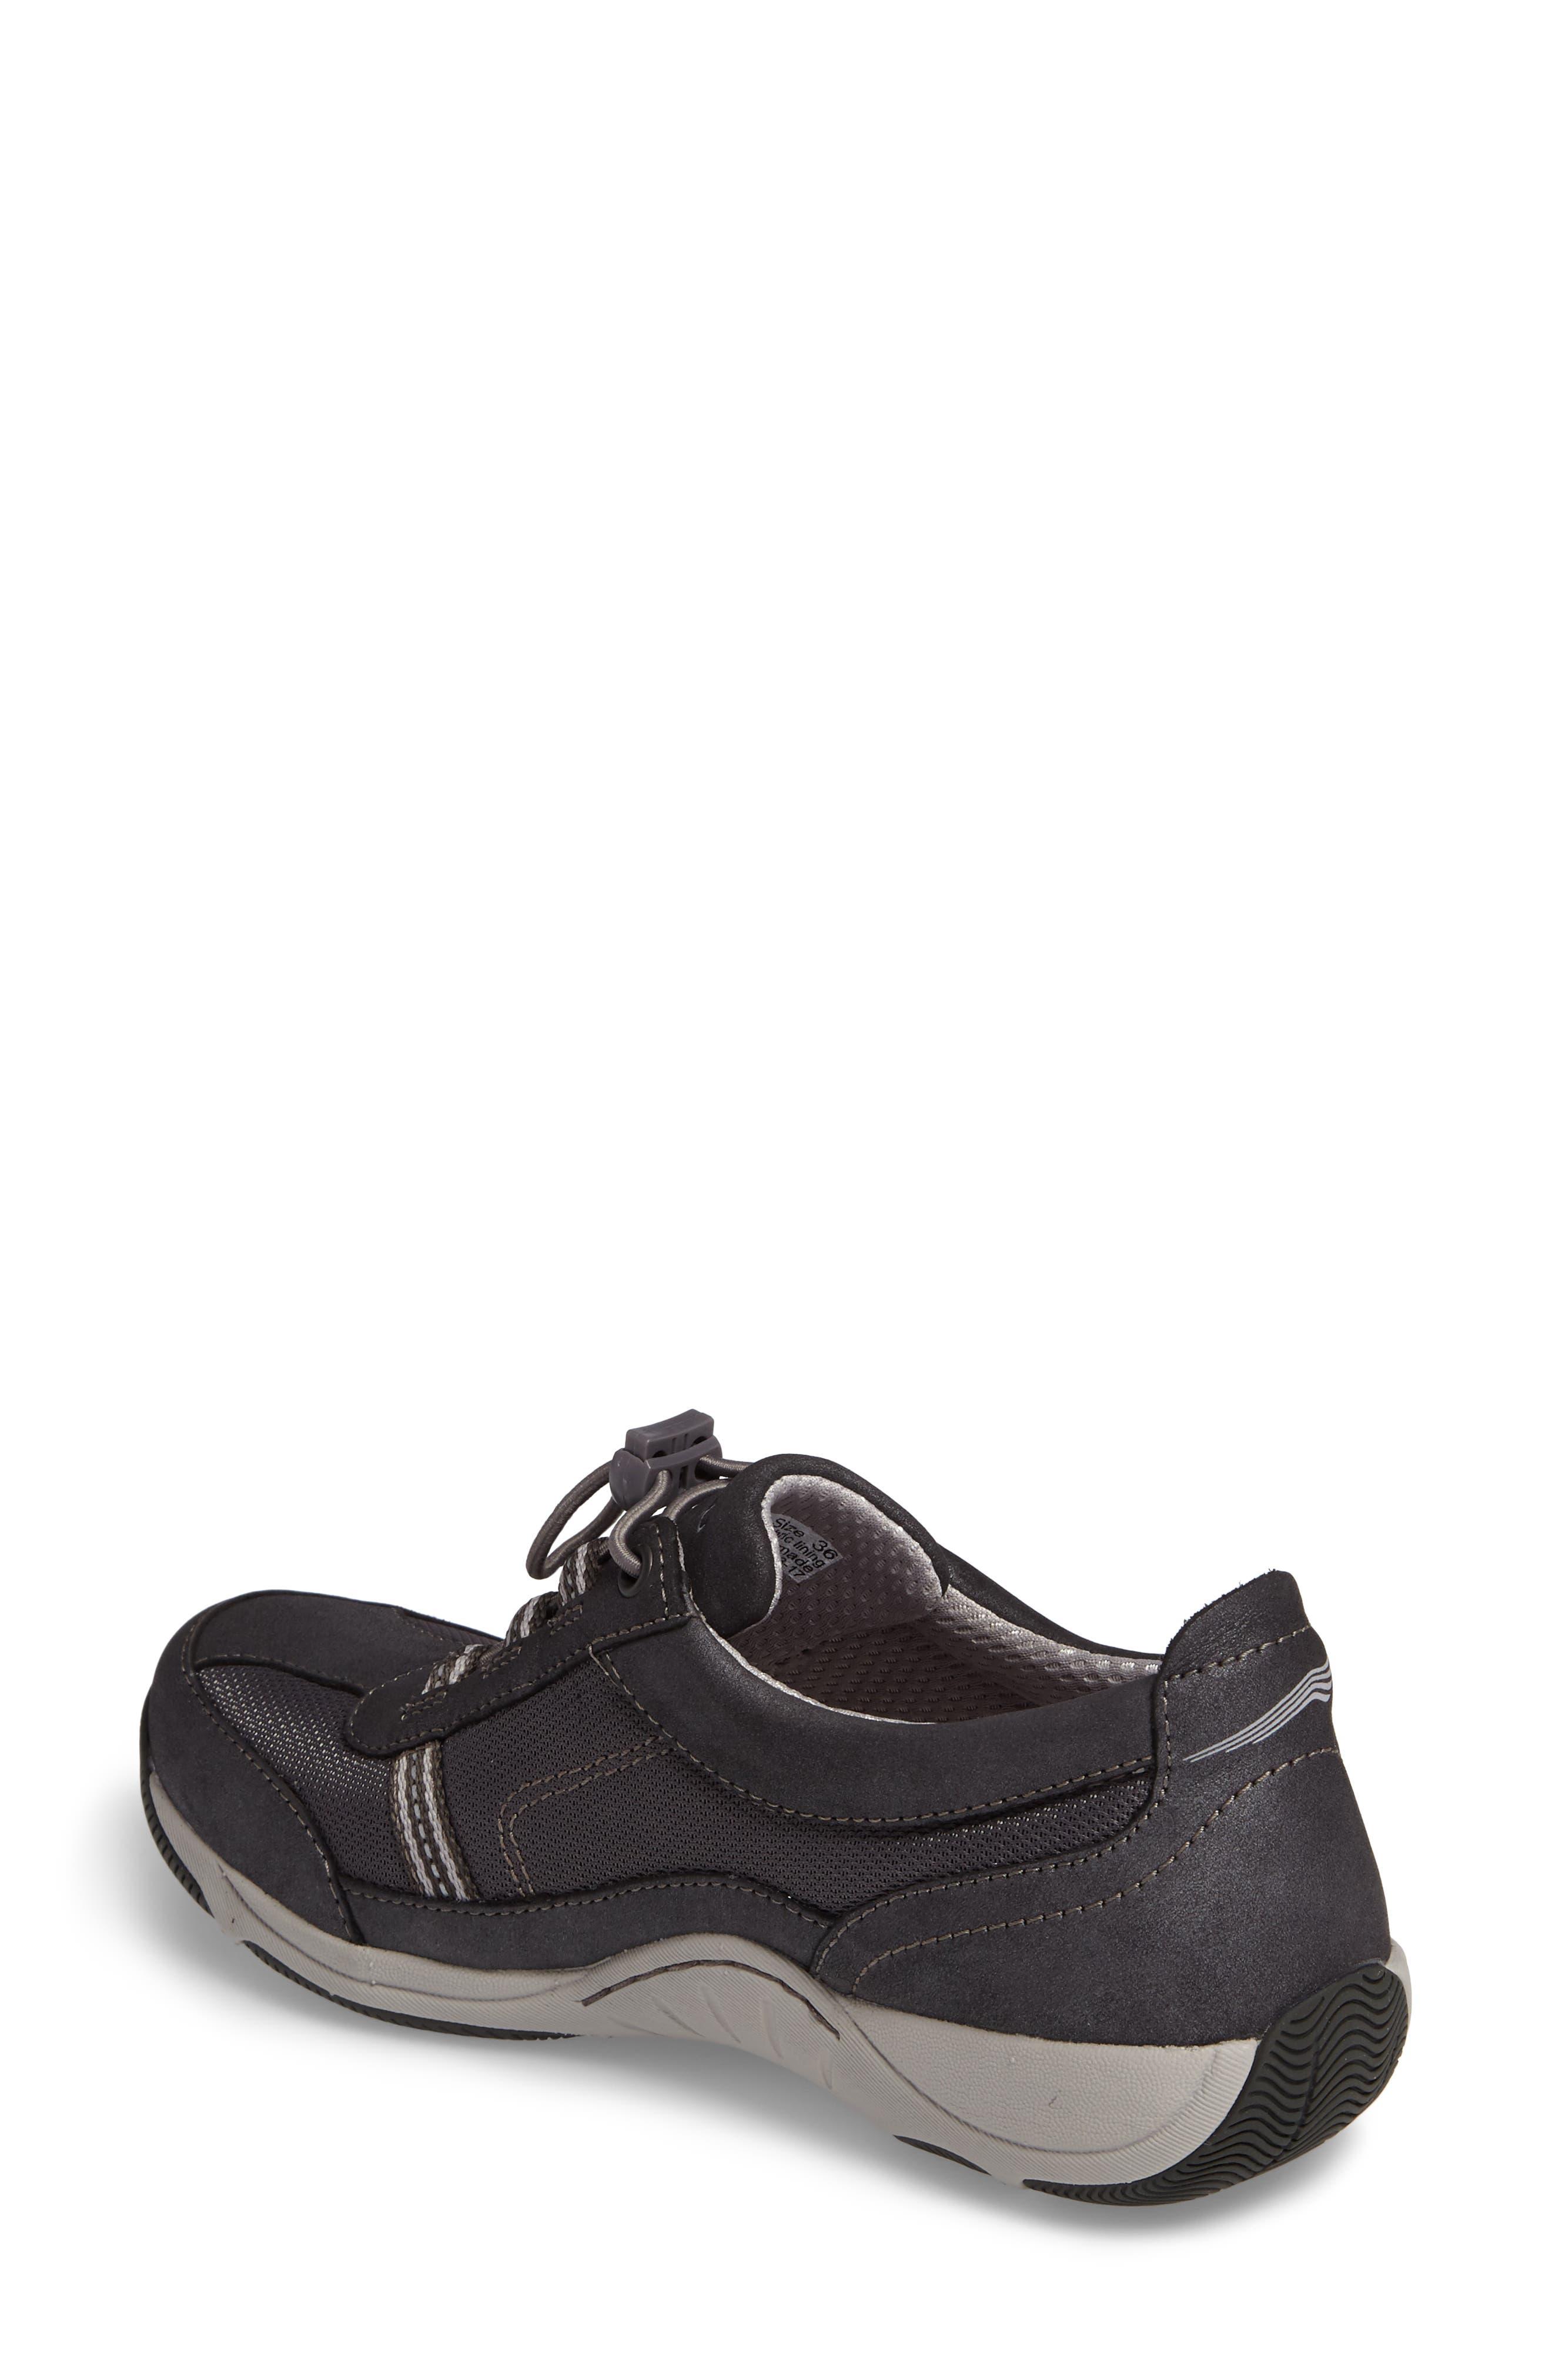 Alternate Image 2  - Dansko 'Helen' Suede & Mesh Sneaker (Women)